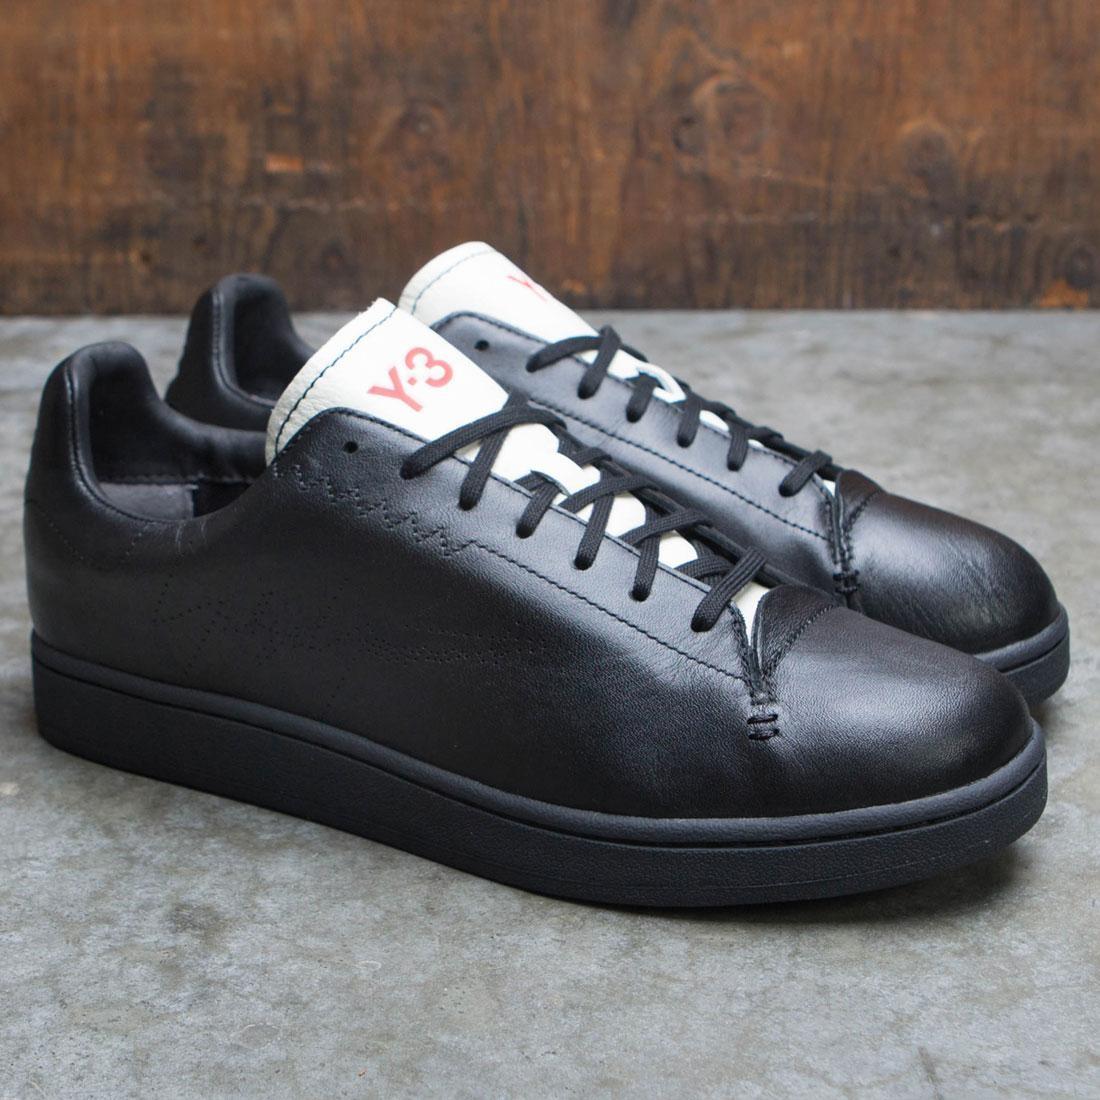 Adidas Y-3 Men Yohji Court black core white